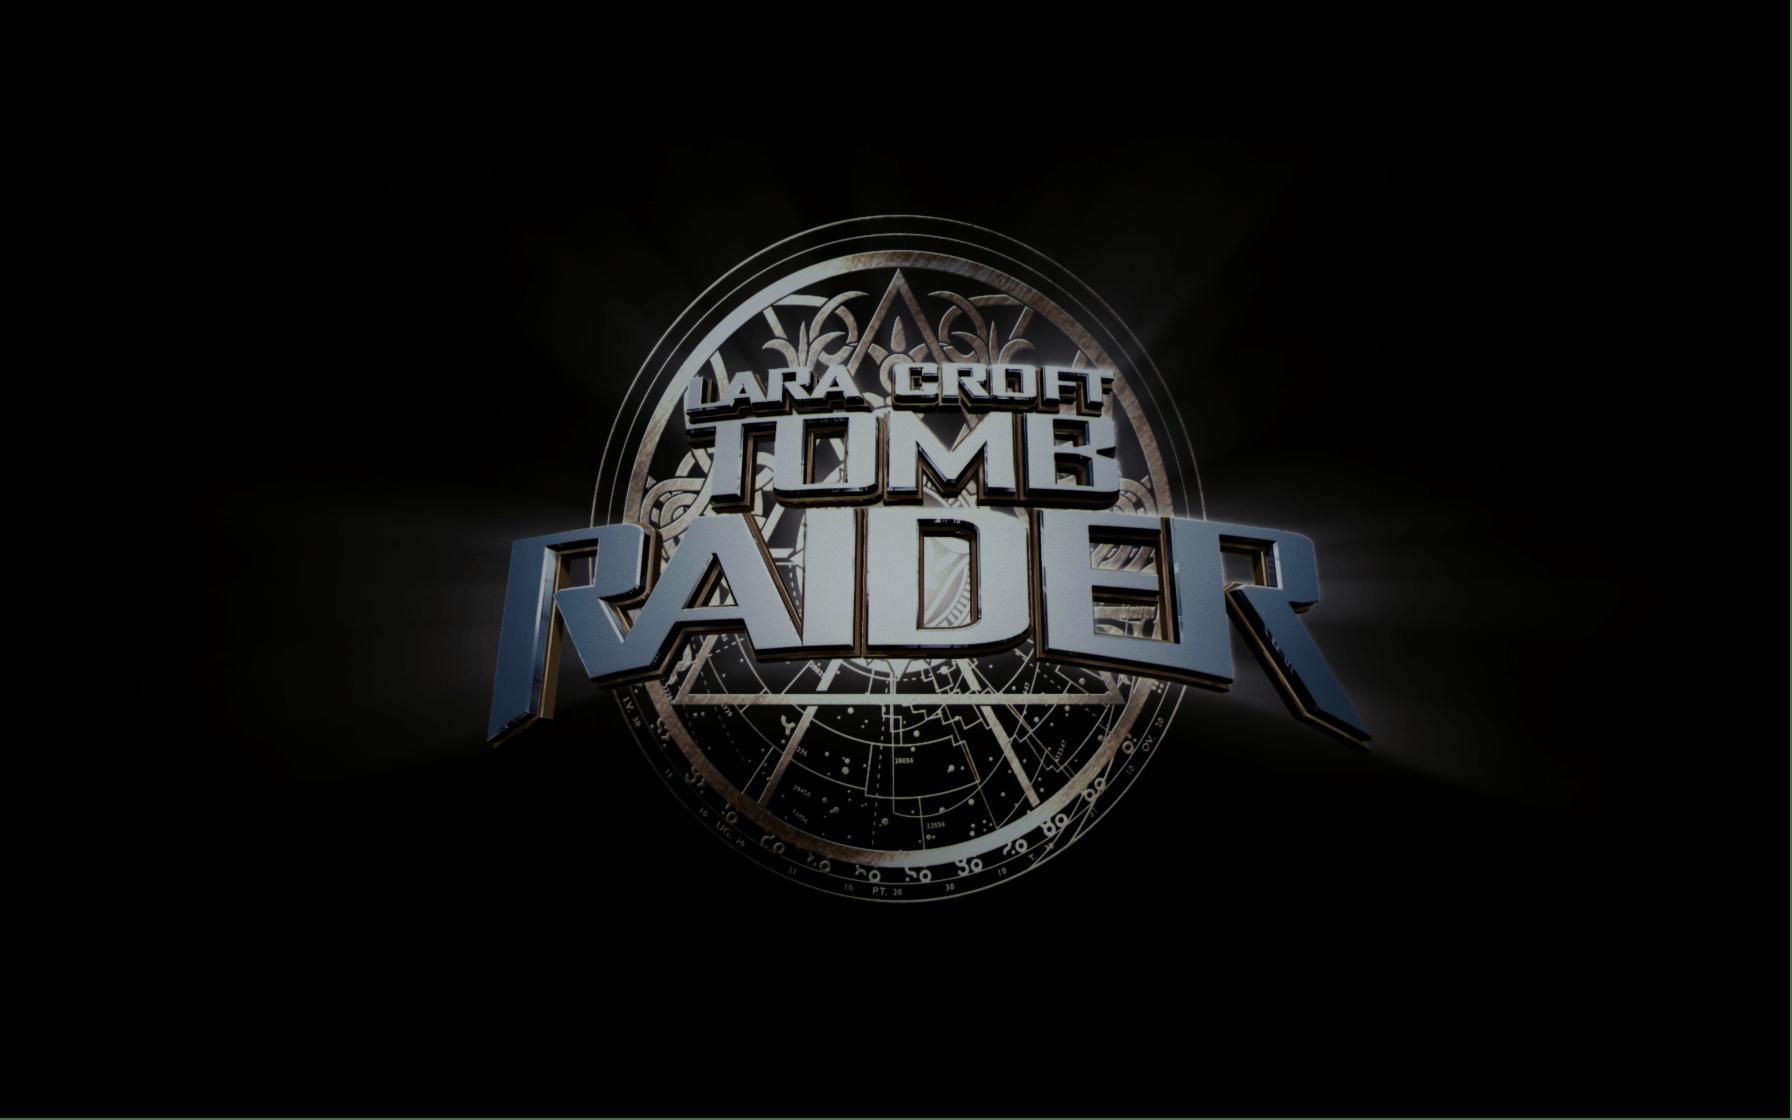 Lara Croft Tomb Raider 4K UHD logo Spongebob